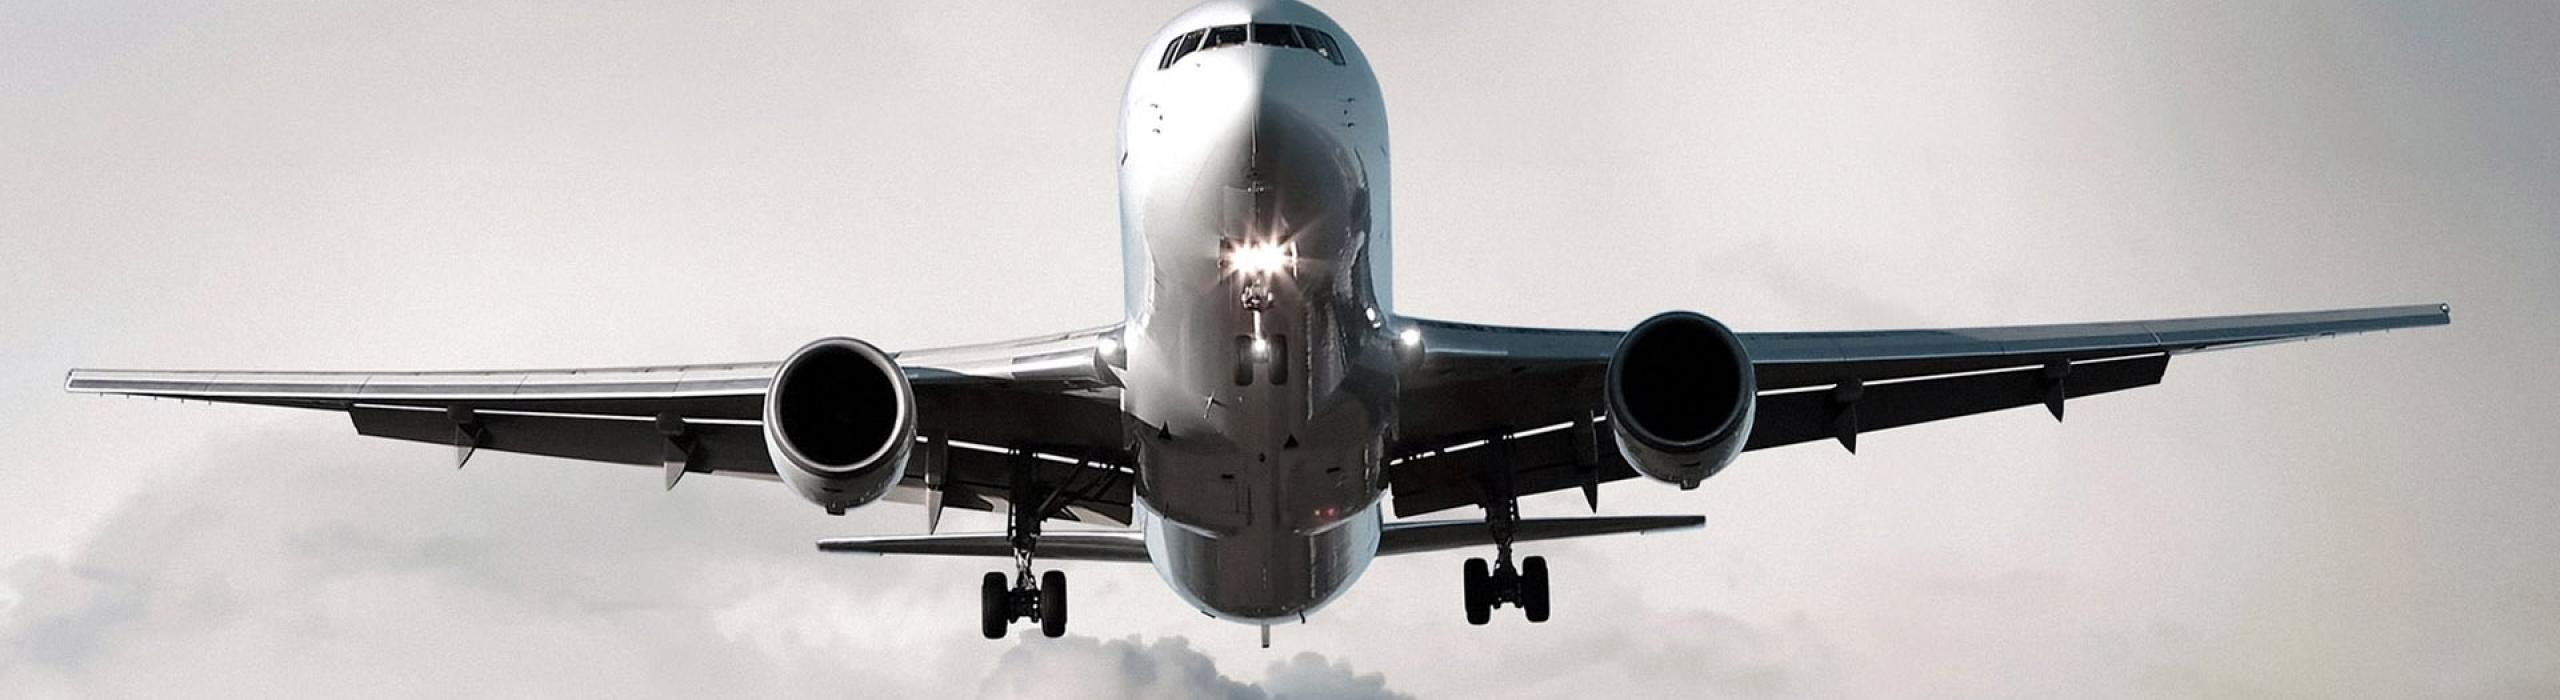 2-Air-Freight